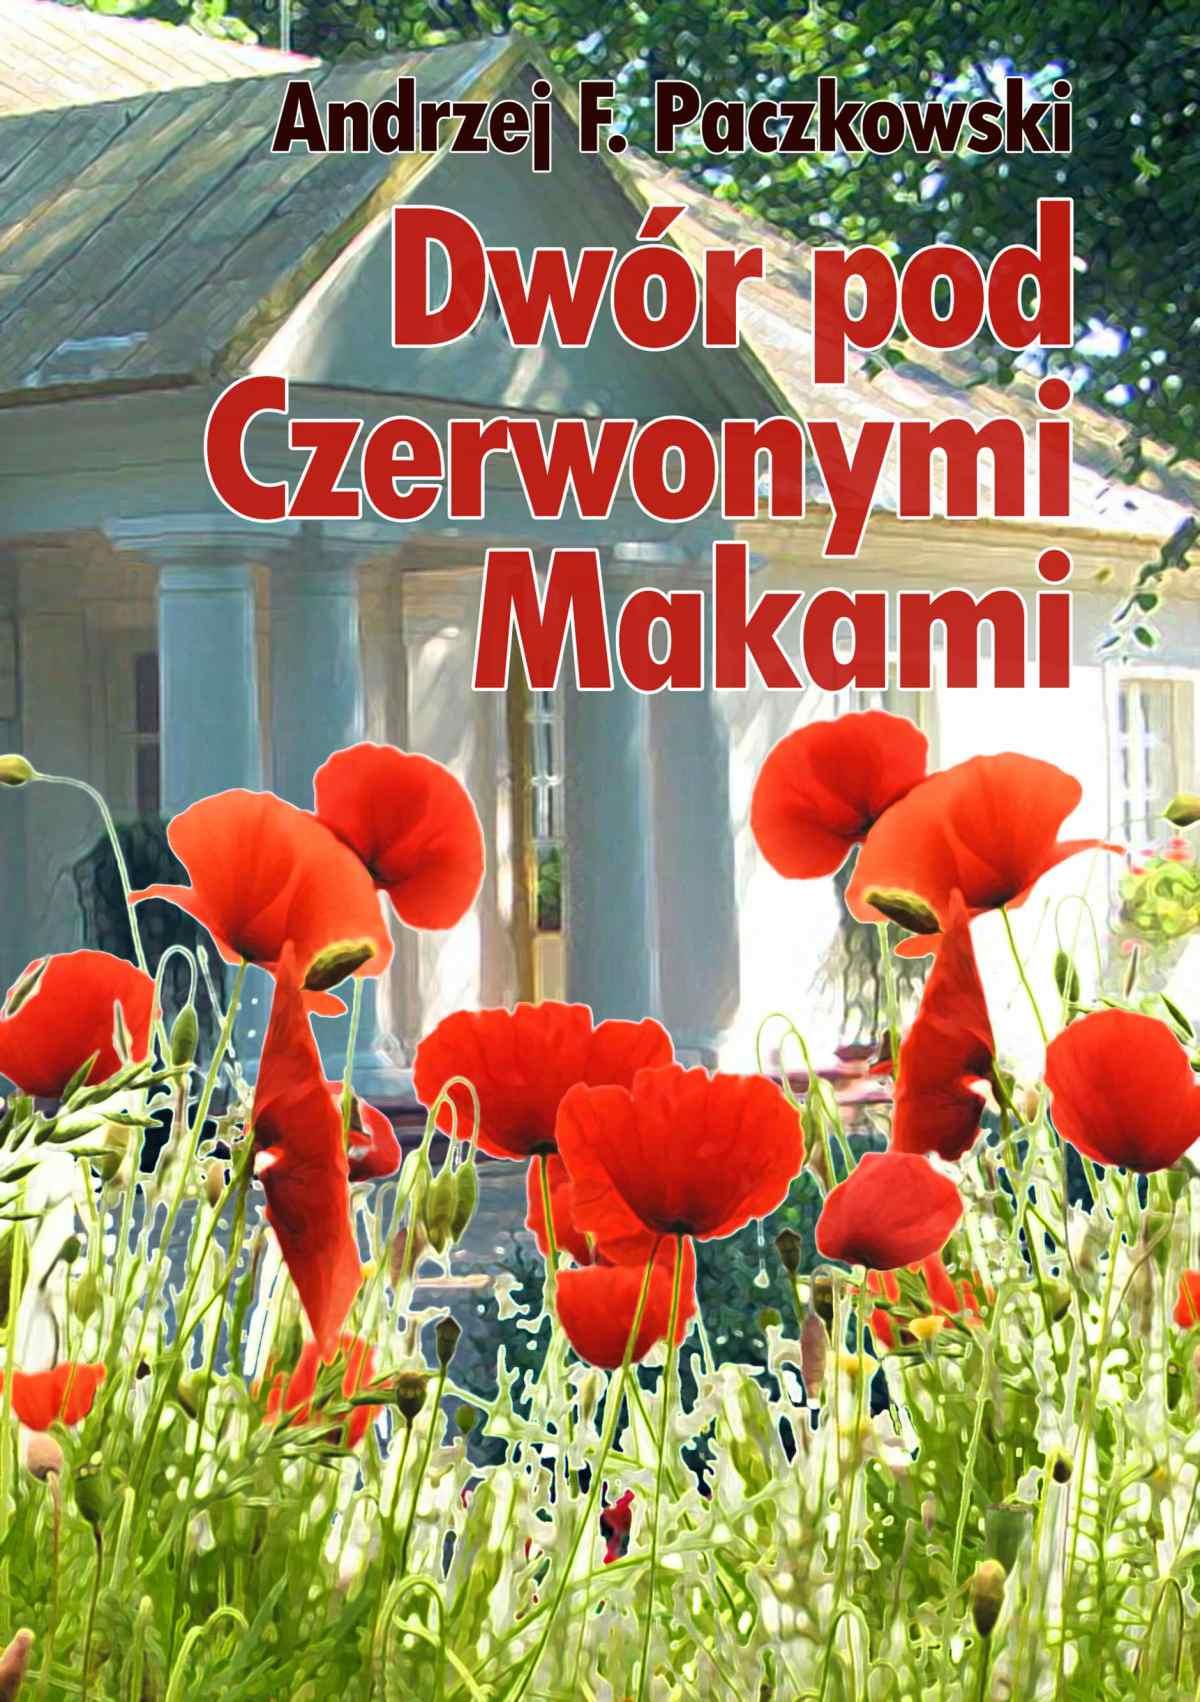 Dwór pod Czerwonymi Makami - Ebook (Książka EPUB) do pobrania w formacie EPUB